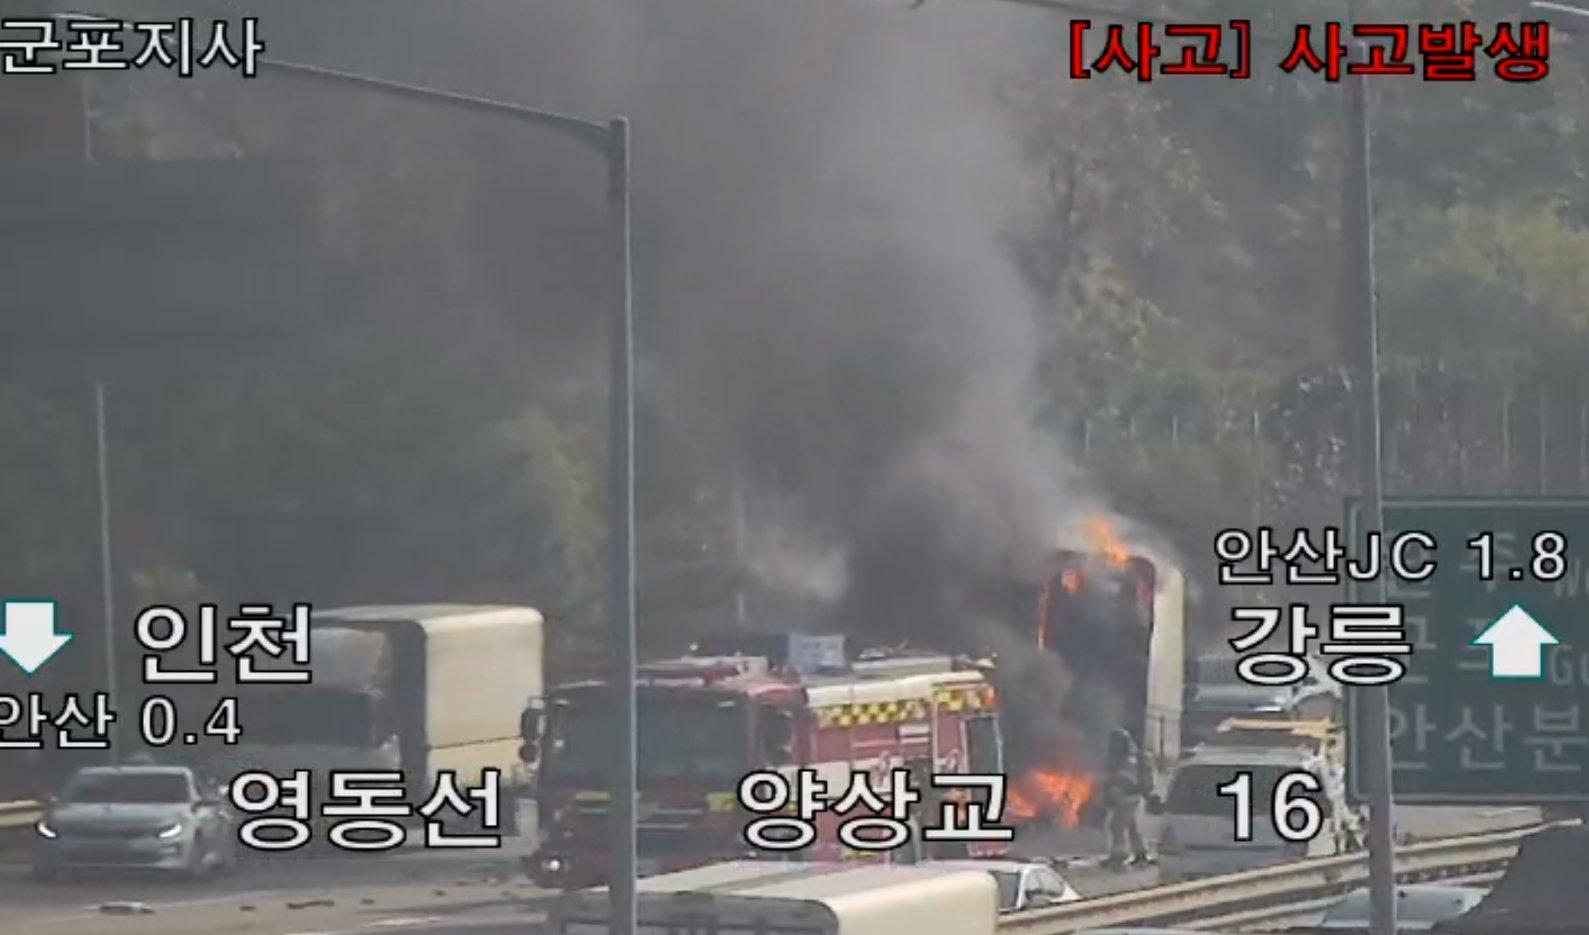 안산나들목부근 차량 추돌 사고 화재